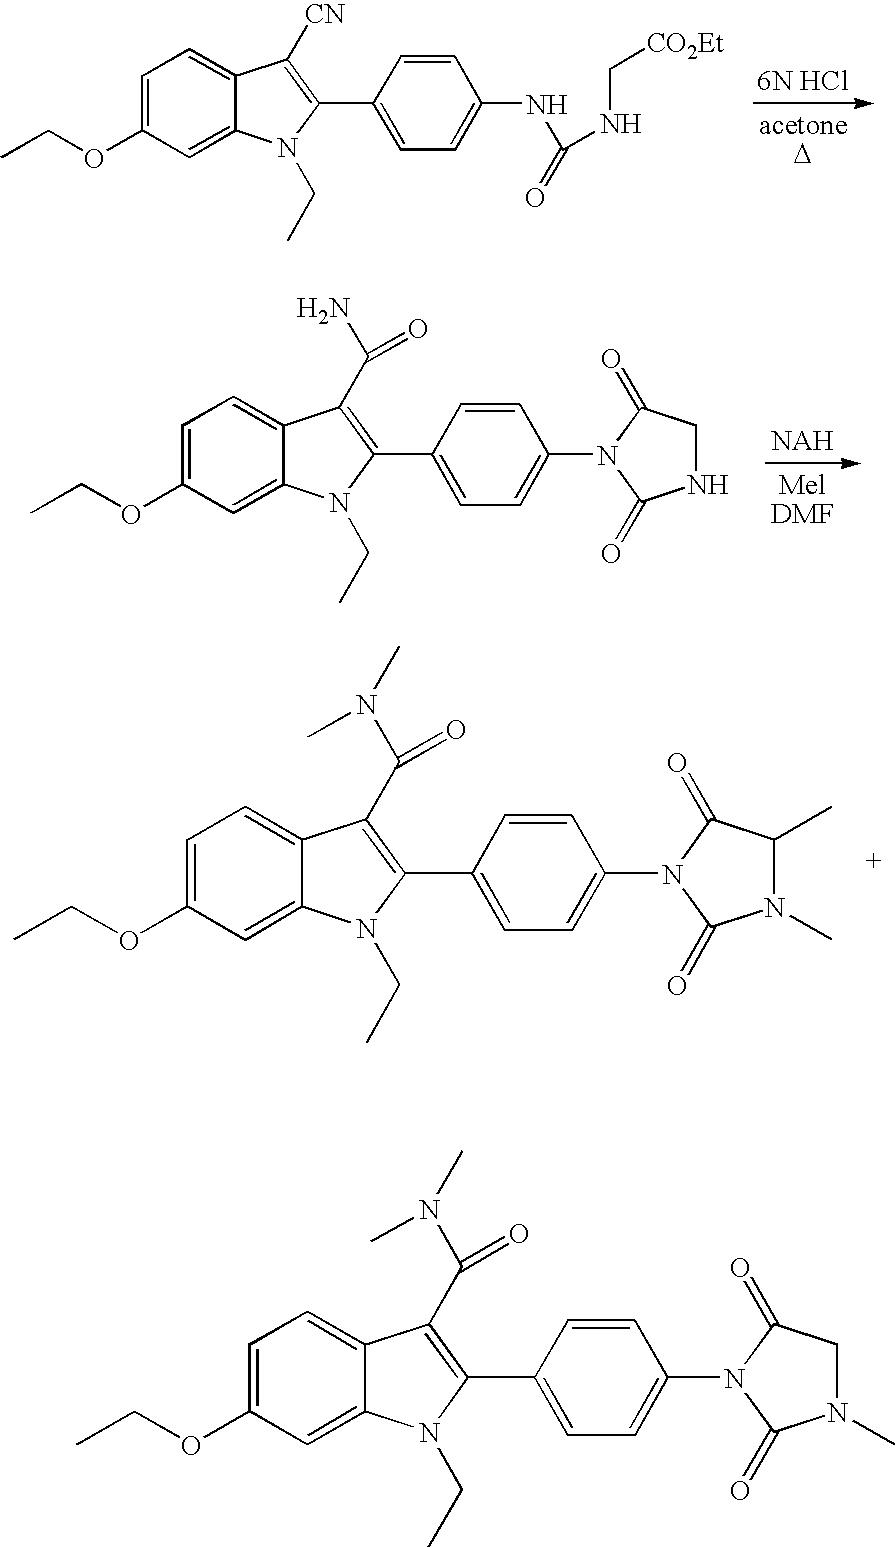 Figure US07781478-20100824-C00392